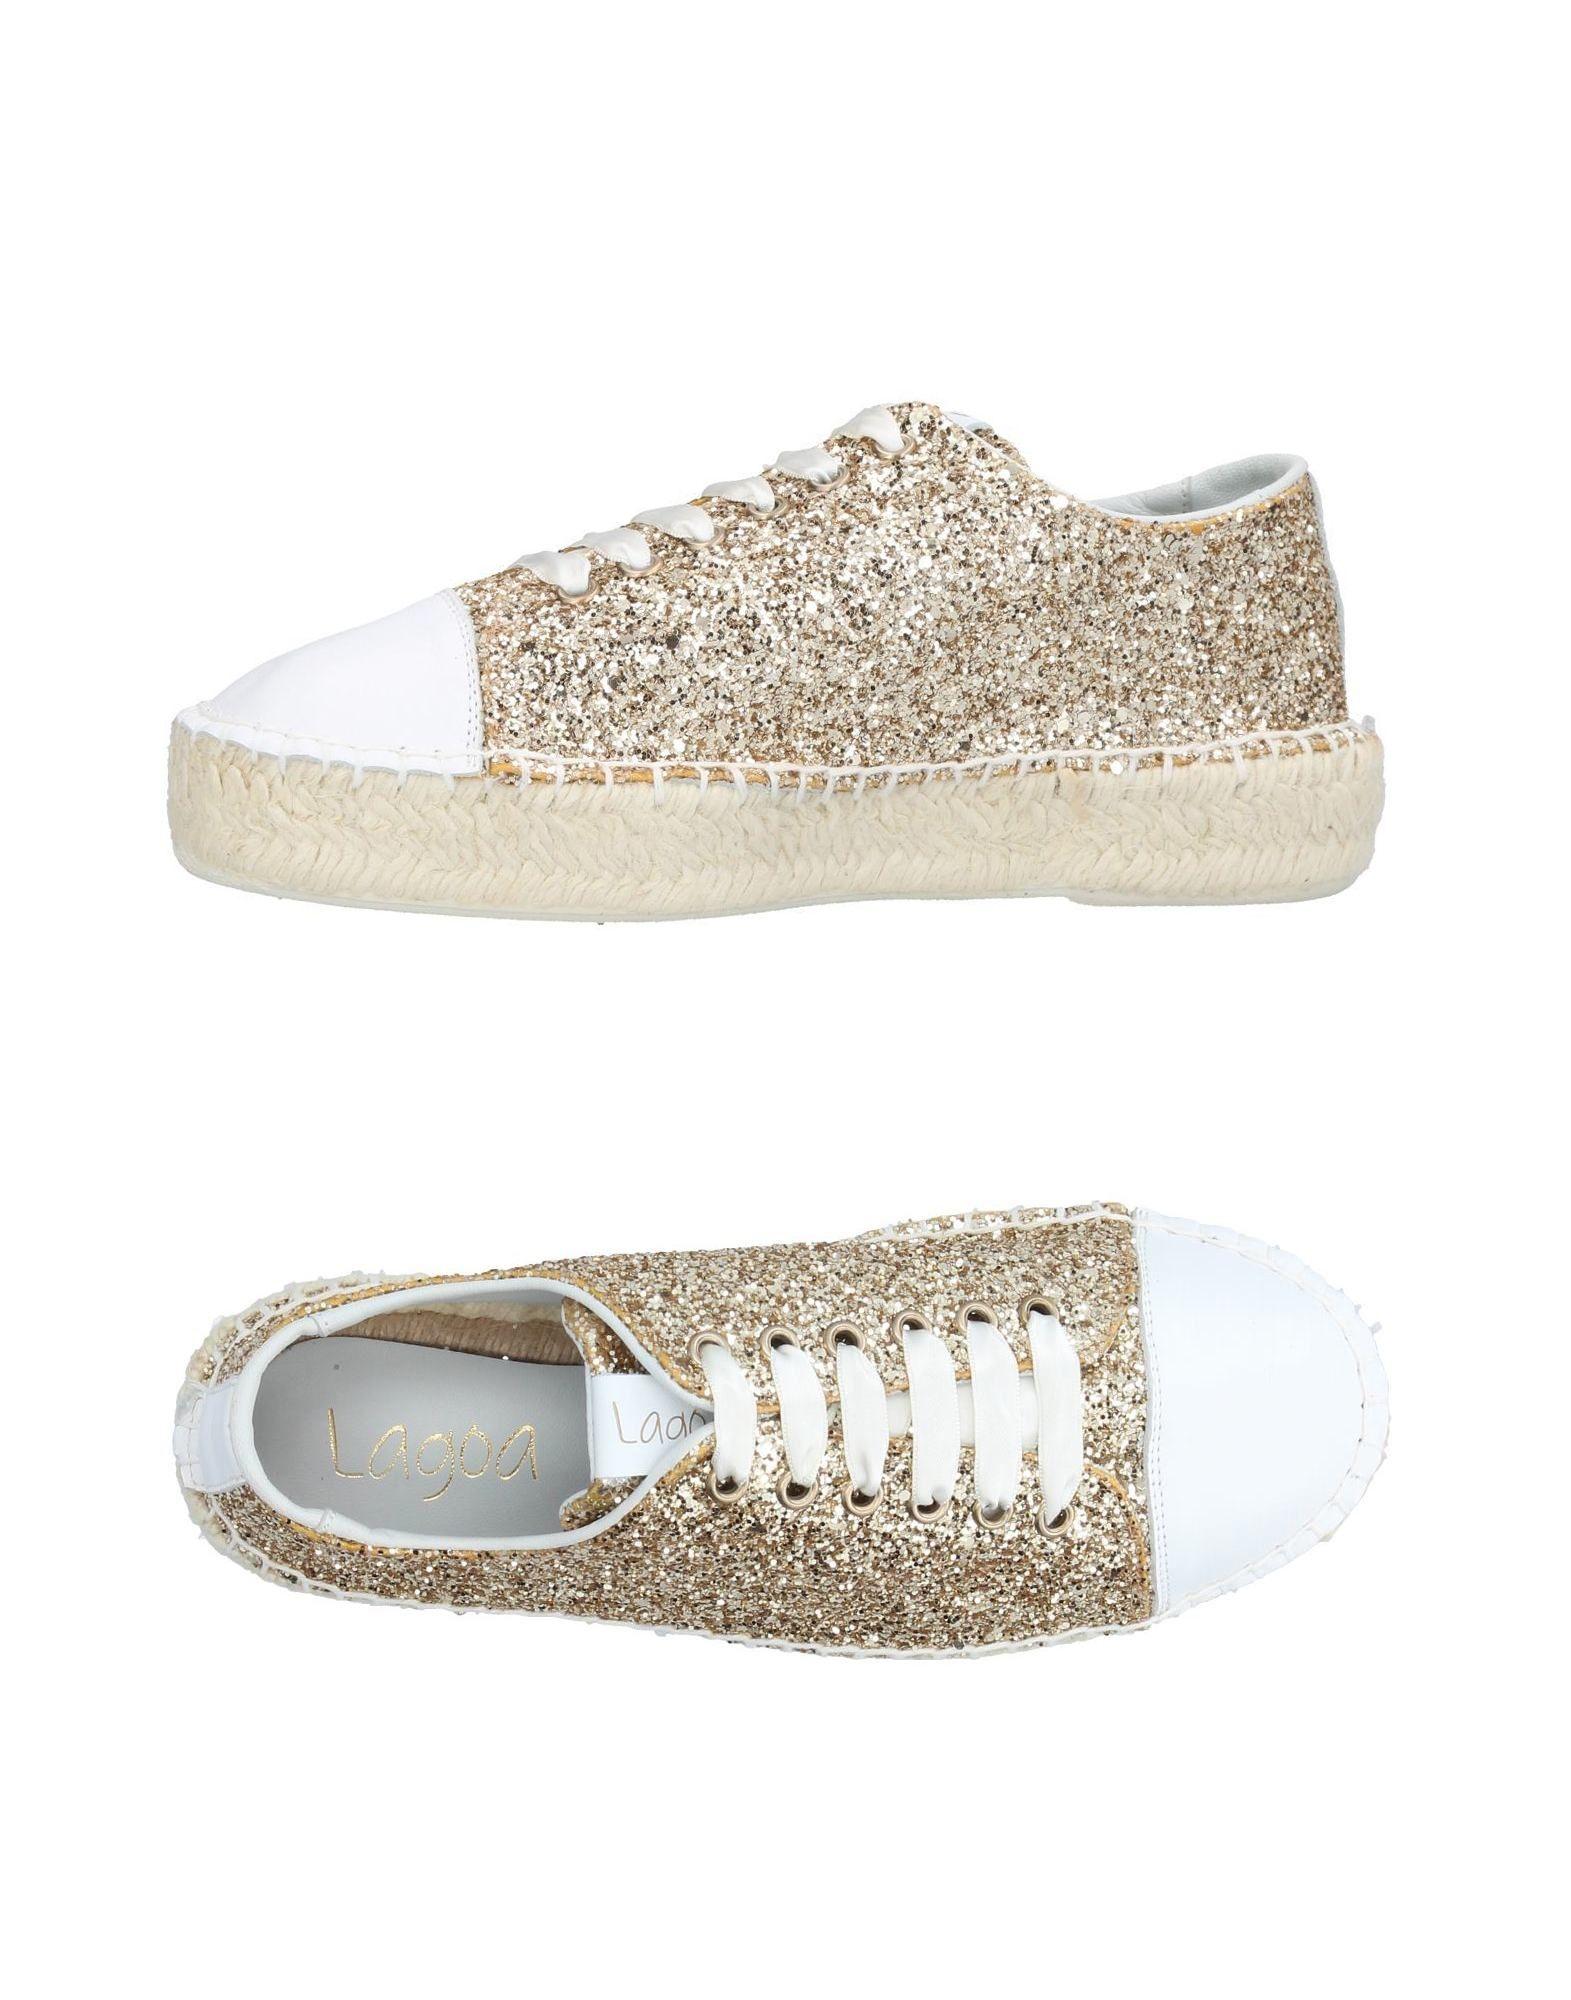 LAGOA Sneakers in Gold